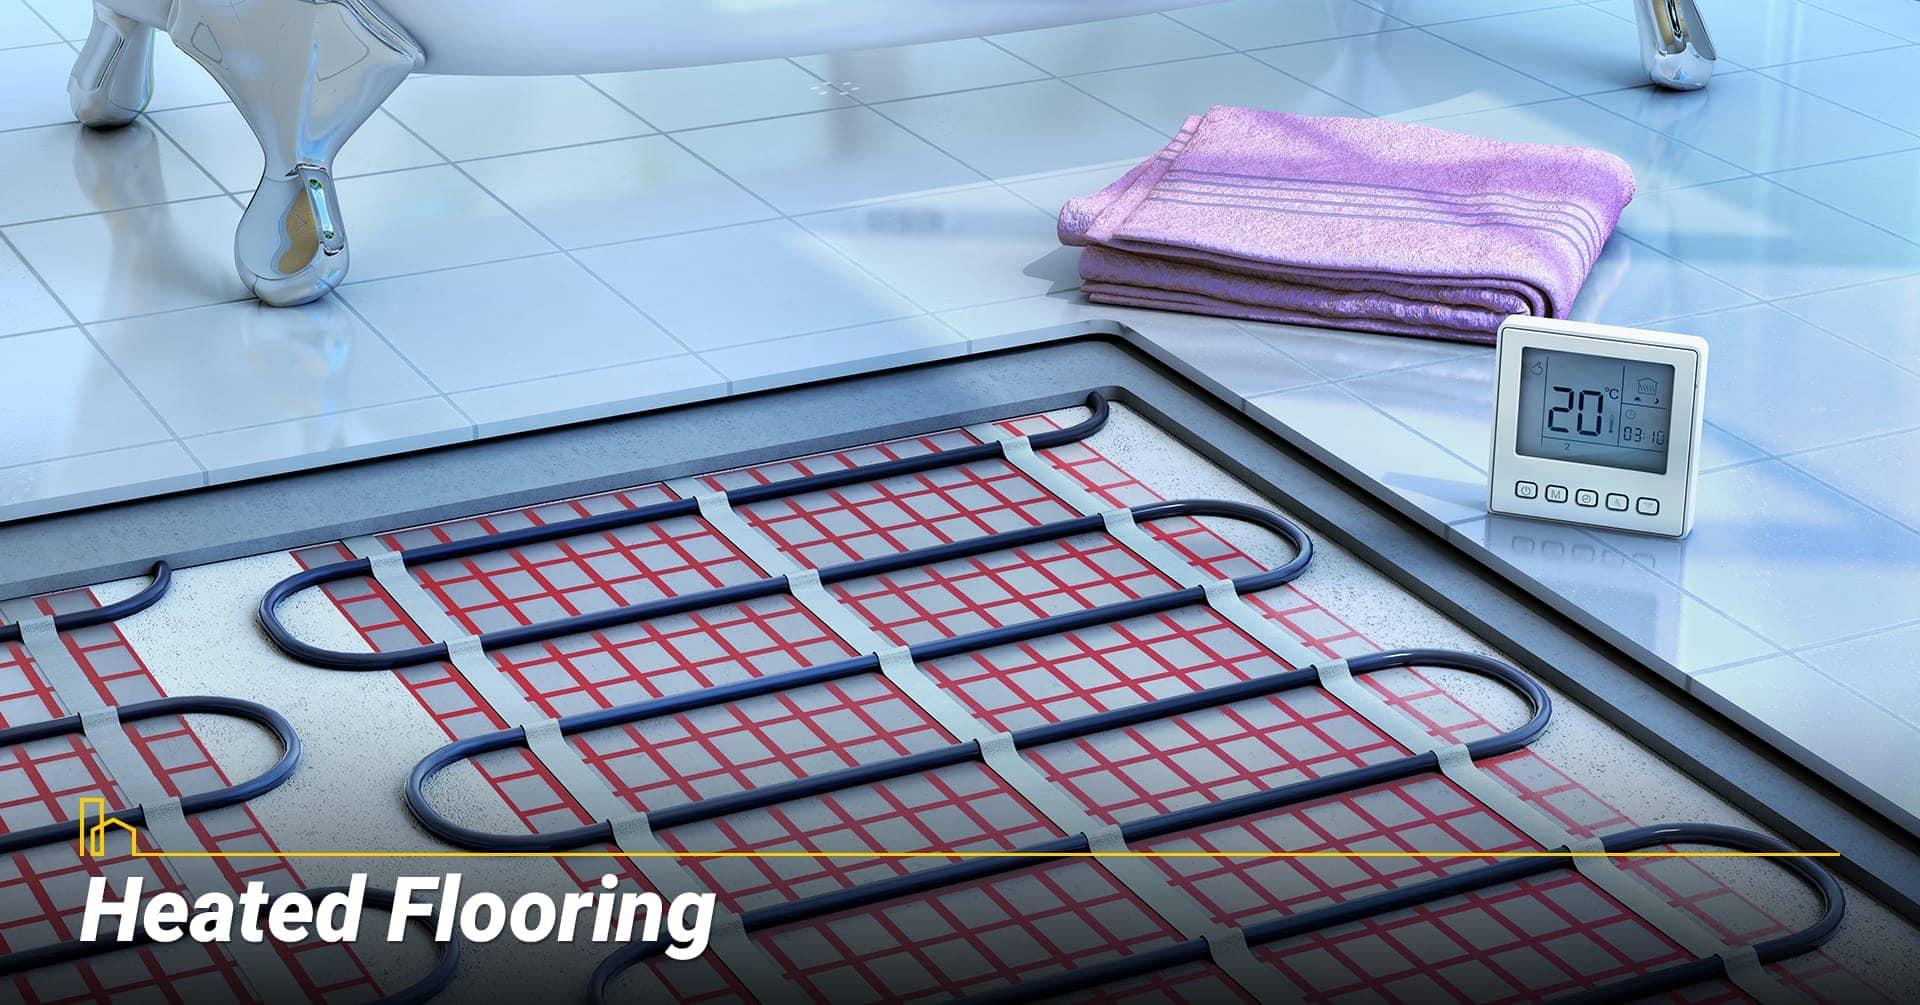 Heated Flooring, keep your floor warm